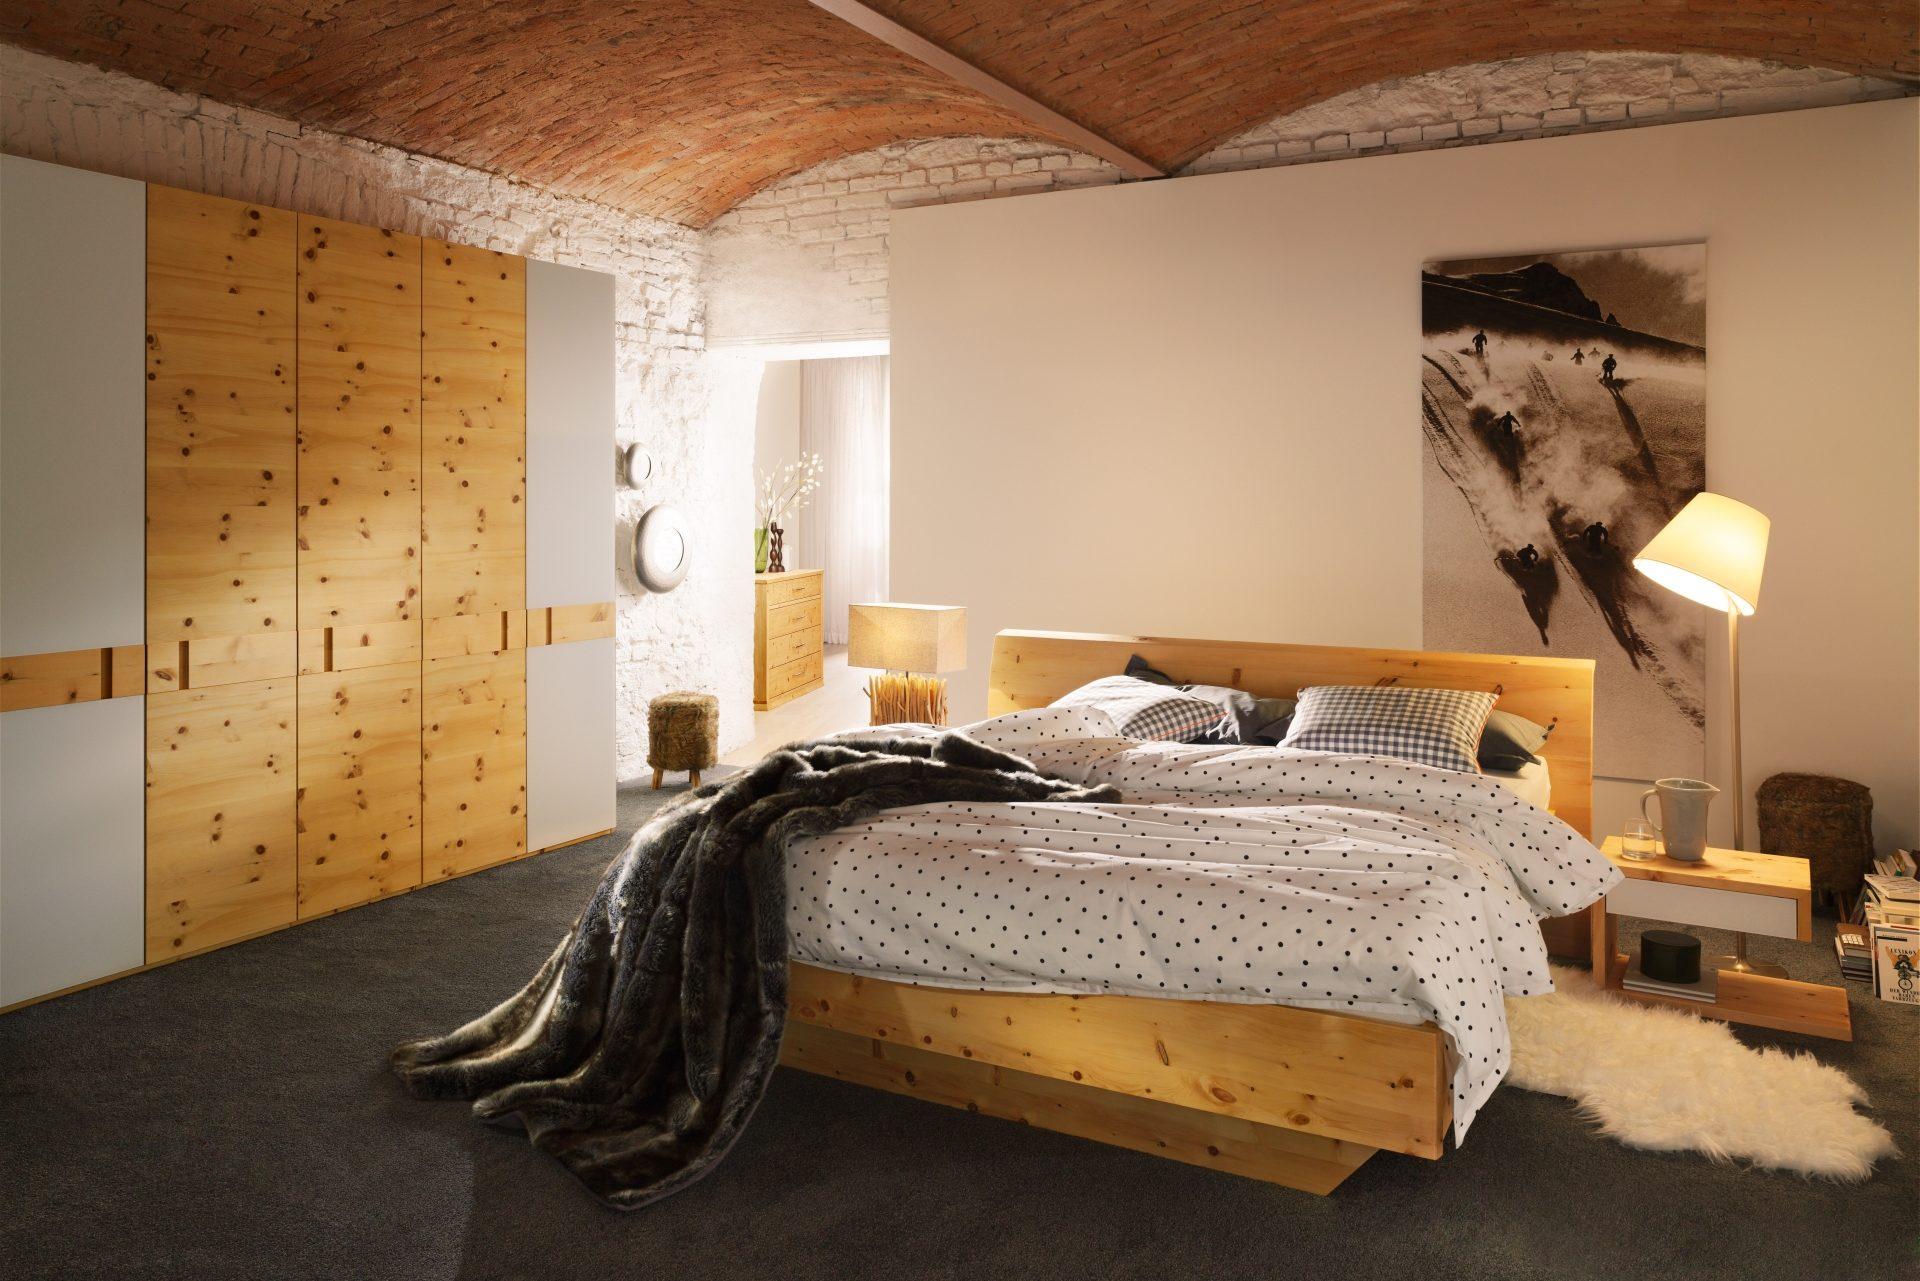 Emejing Gesundes Schlafzimmer Einrichten Gallery - House Design ...